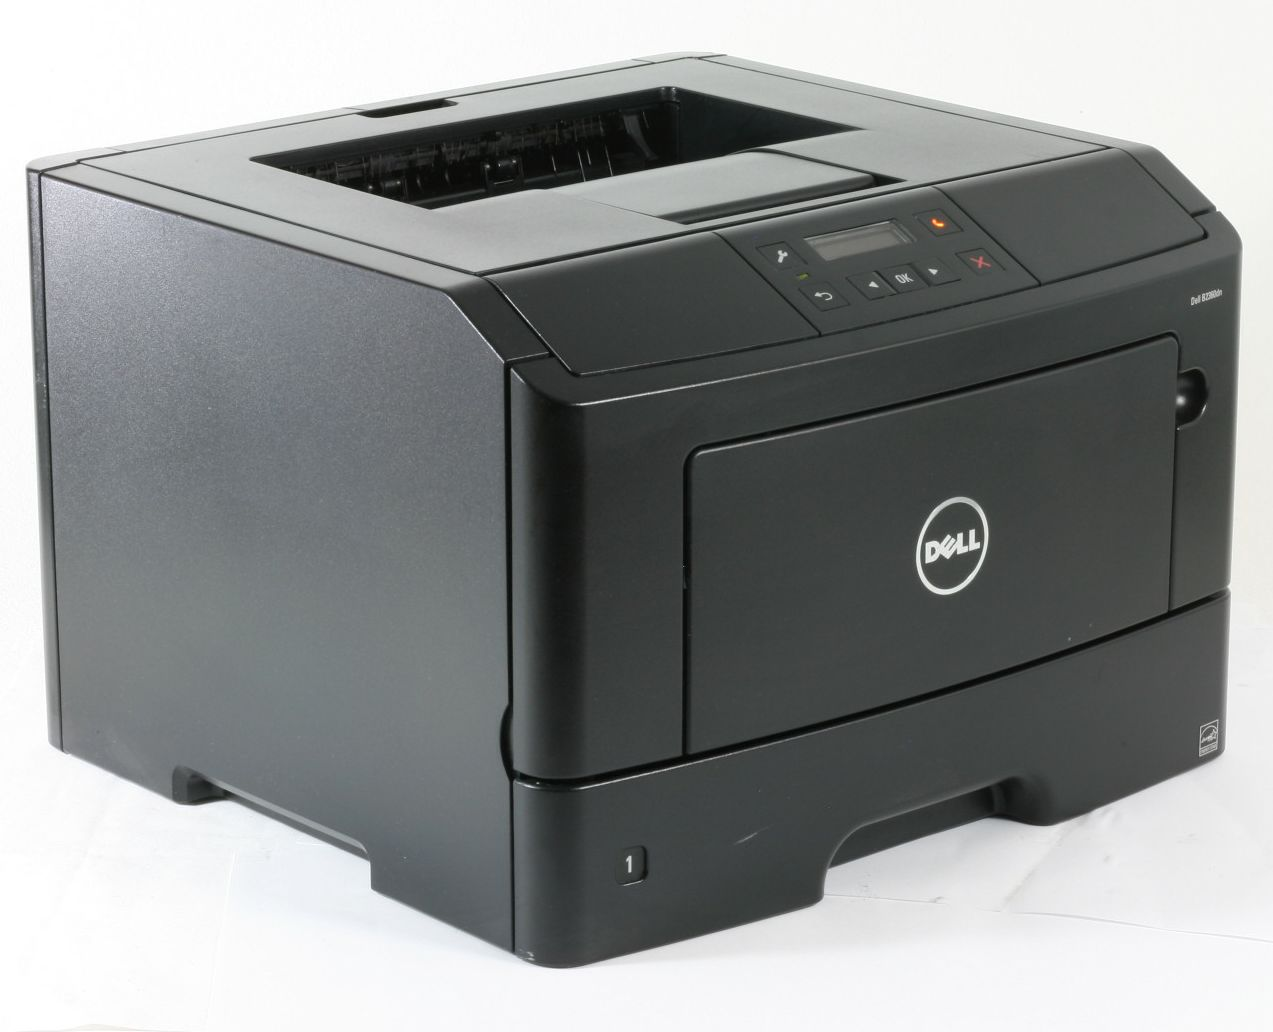 Dell B2360DN Drucker Duplex Netzwerk Laserdrucker gebraucht